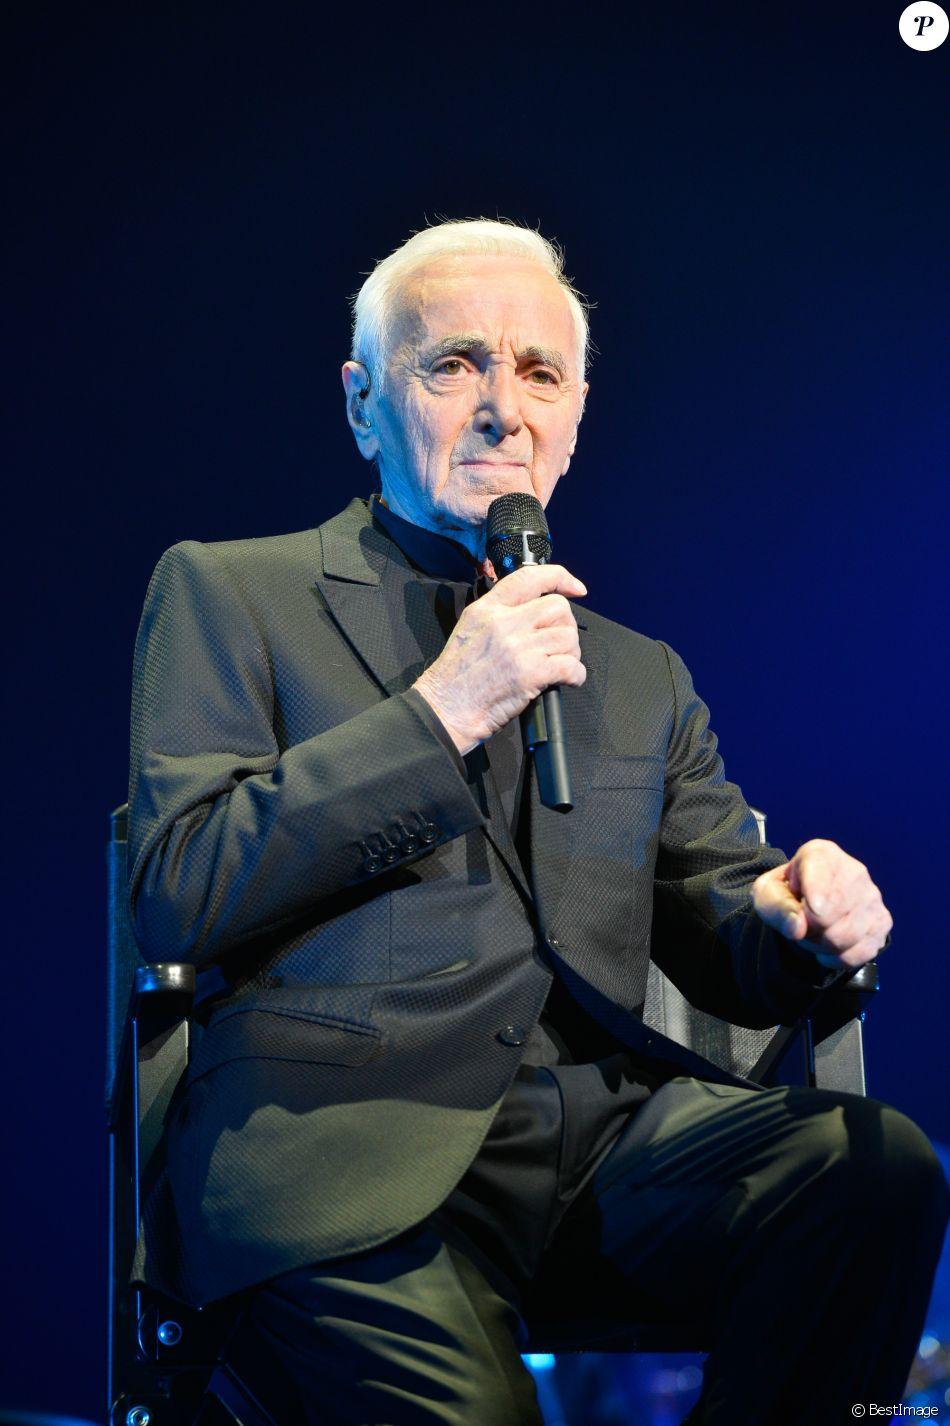 Charles Aznavour en concert au Palais des Sports à Paris, le 21 décembre 2016. © Guirec Coadic/Bestimage